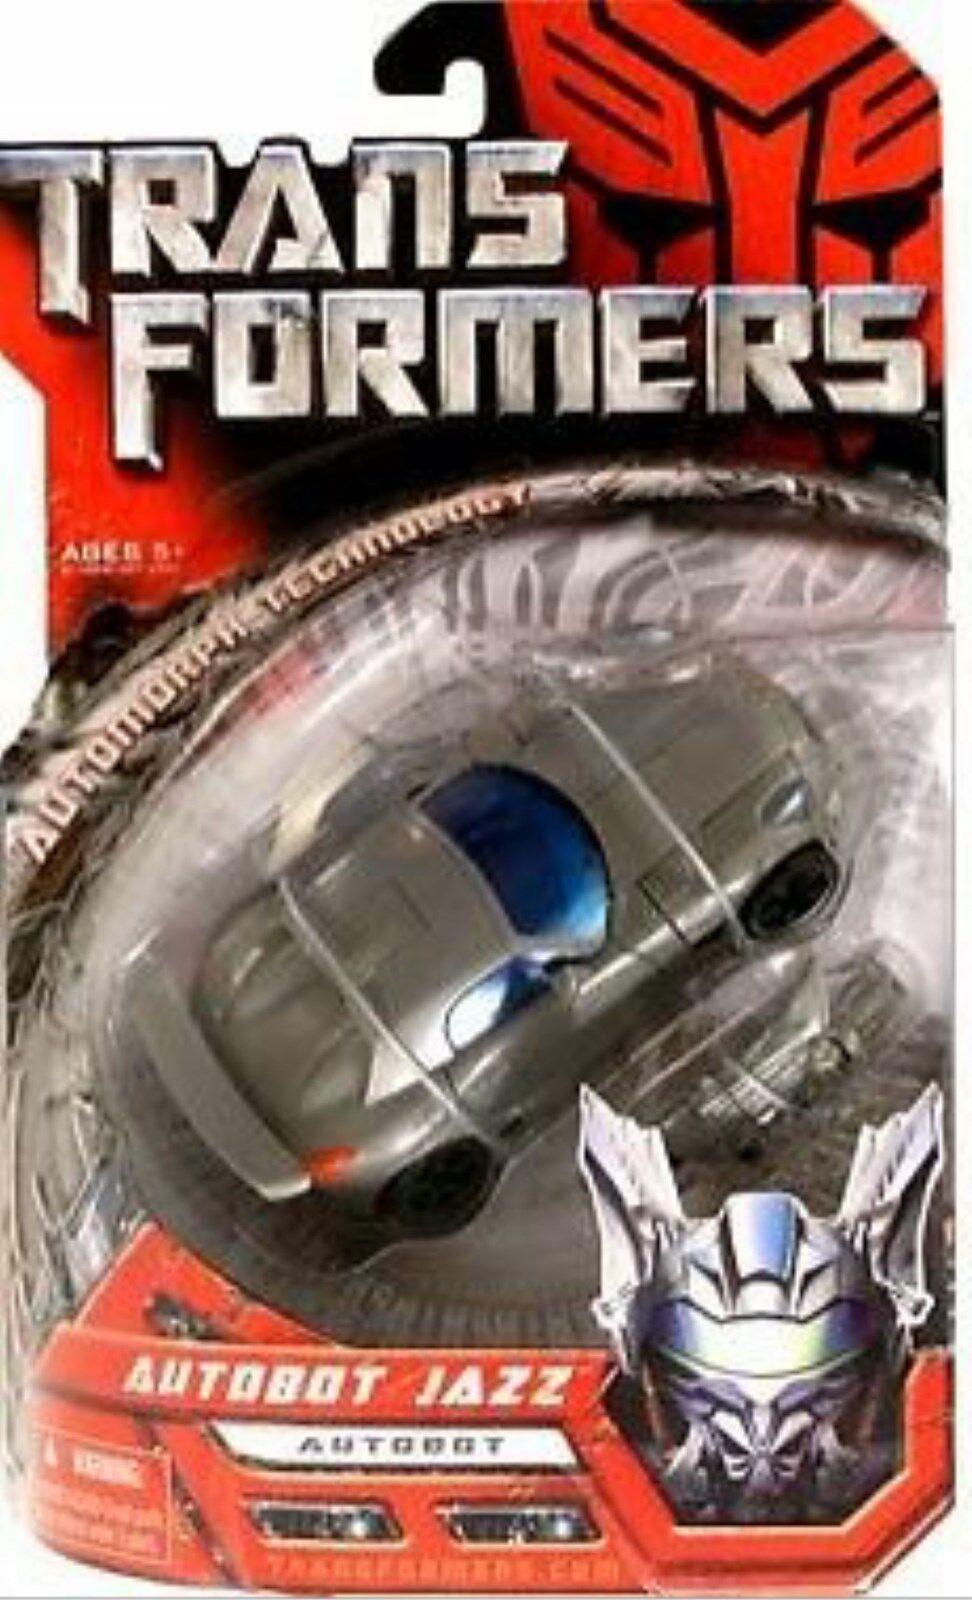 Entrega directa y rápida de fábrica Transformers Película De lujo Clase Autobot Autobot Autobot Jazz sellado de fábrica 5 Pulgadas Hasbro 2006  ventas directas de fábrica